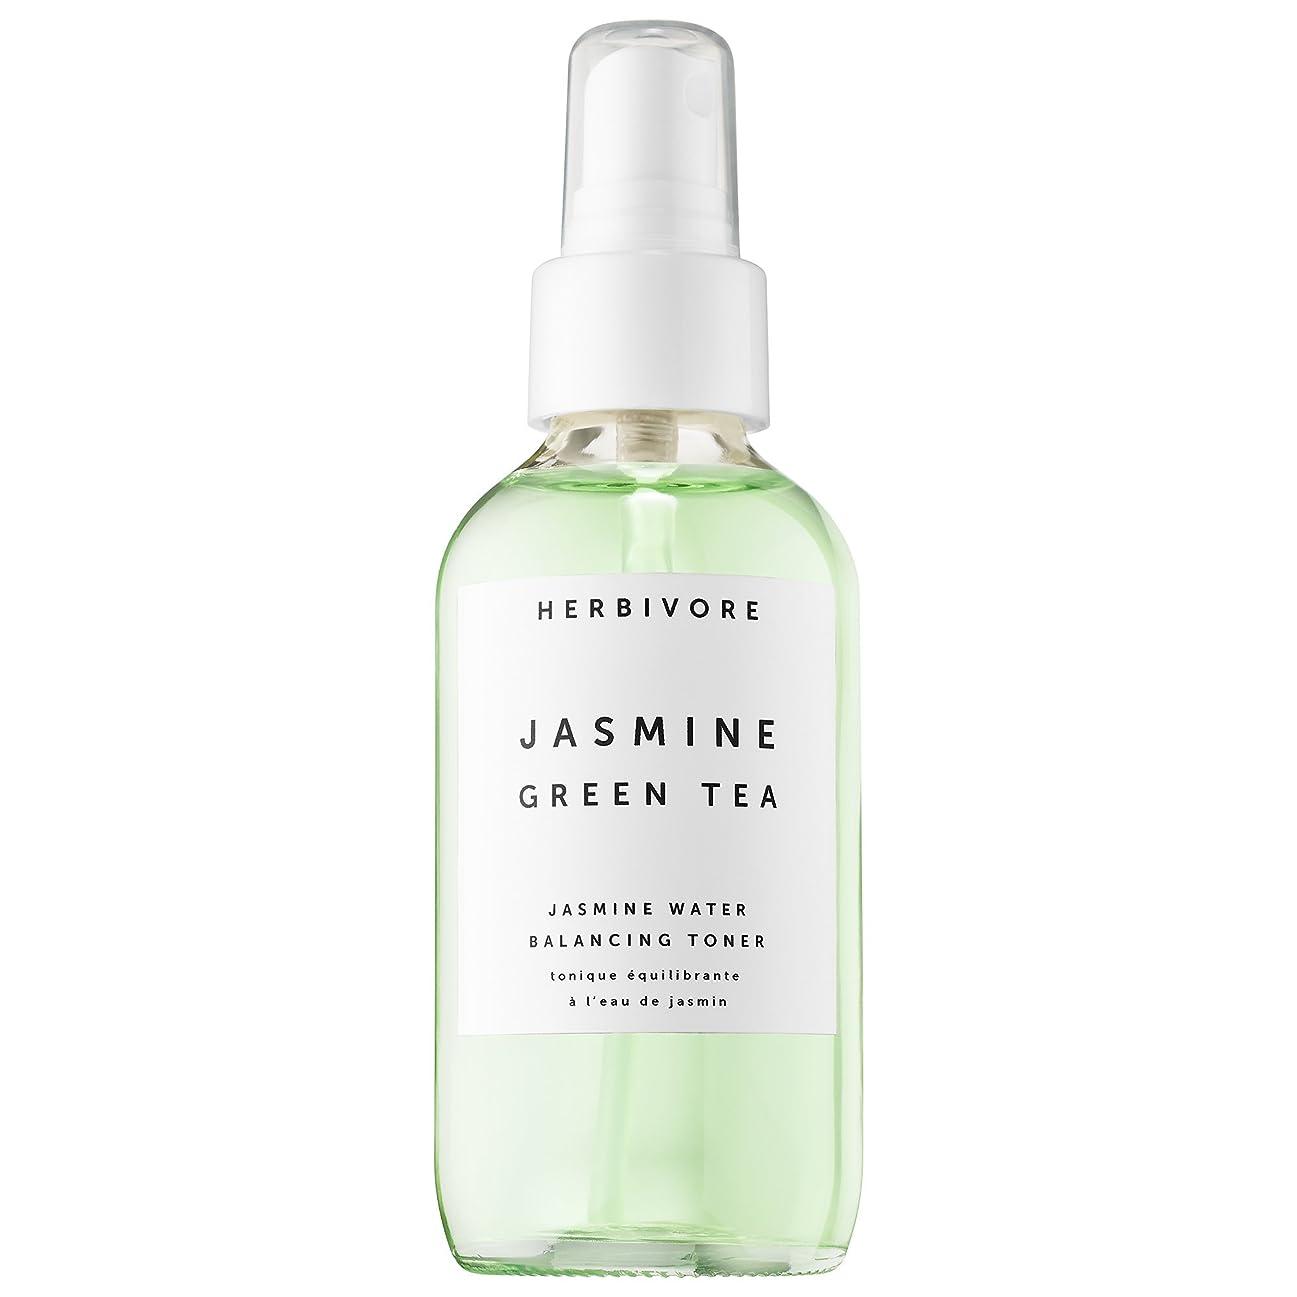 レクリエーション抵抗力がある最もHerbivore Jasmine Green Tea Balancing Toner(120ml) ハービヴォアージャスミン グリーンティー バランシング トーナー